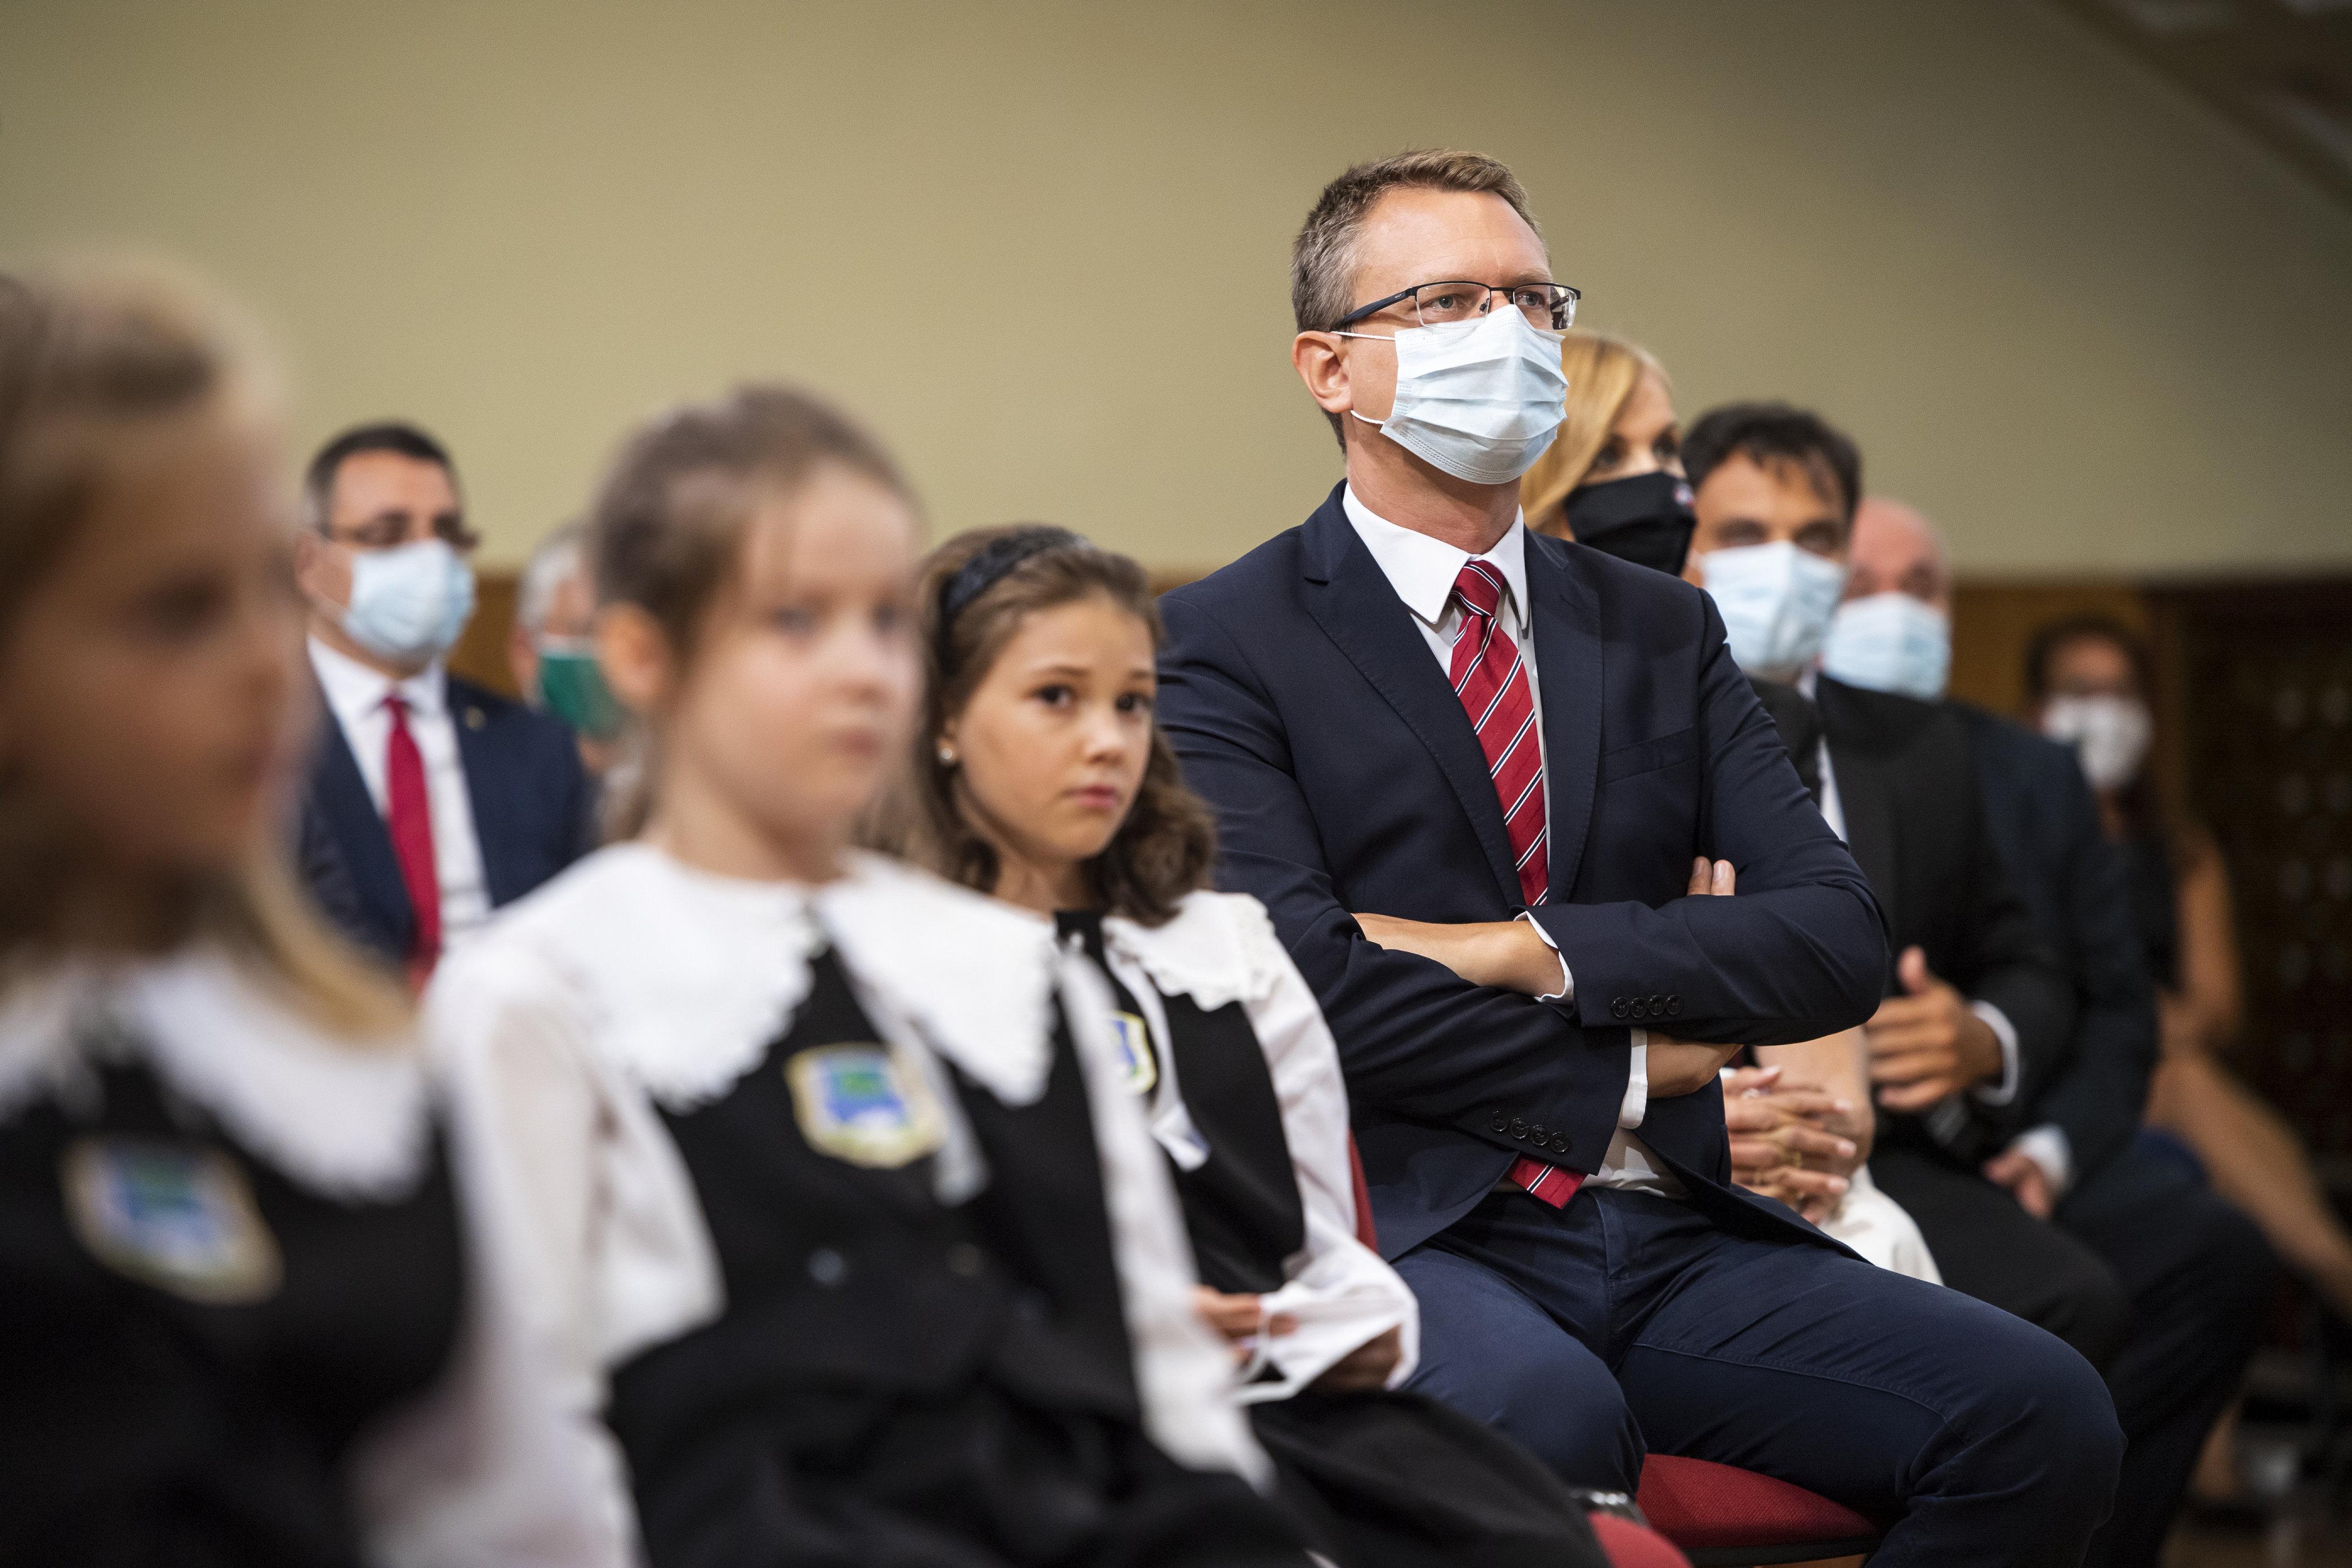 Rétvári: Azért nem kell konktaktkutatás, mert az úgysem véd meg a vírustól